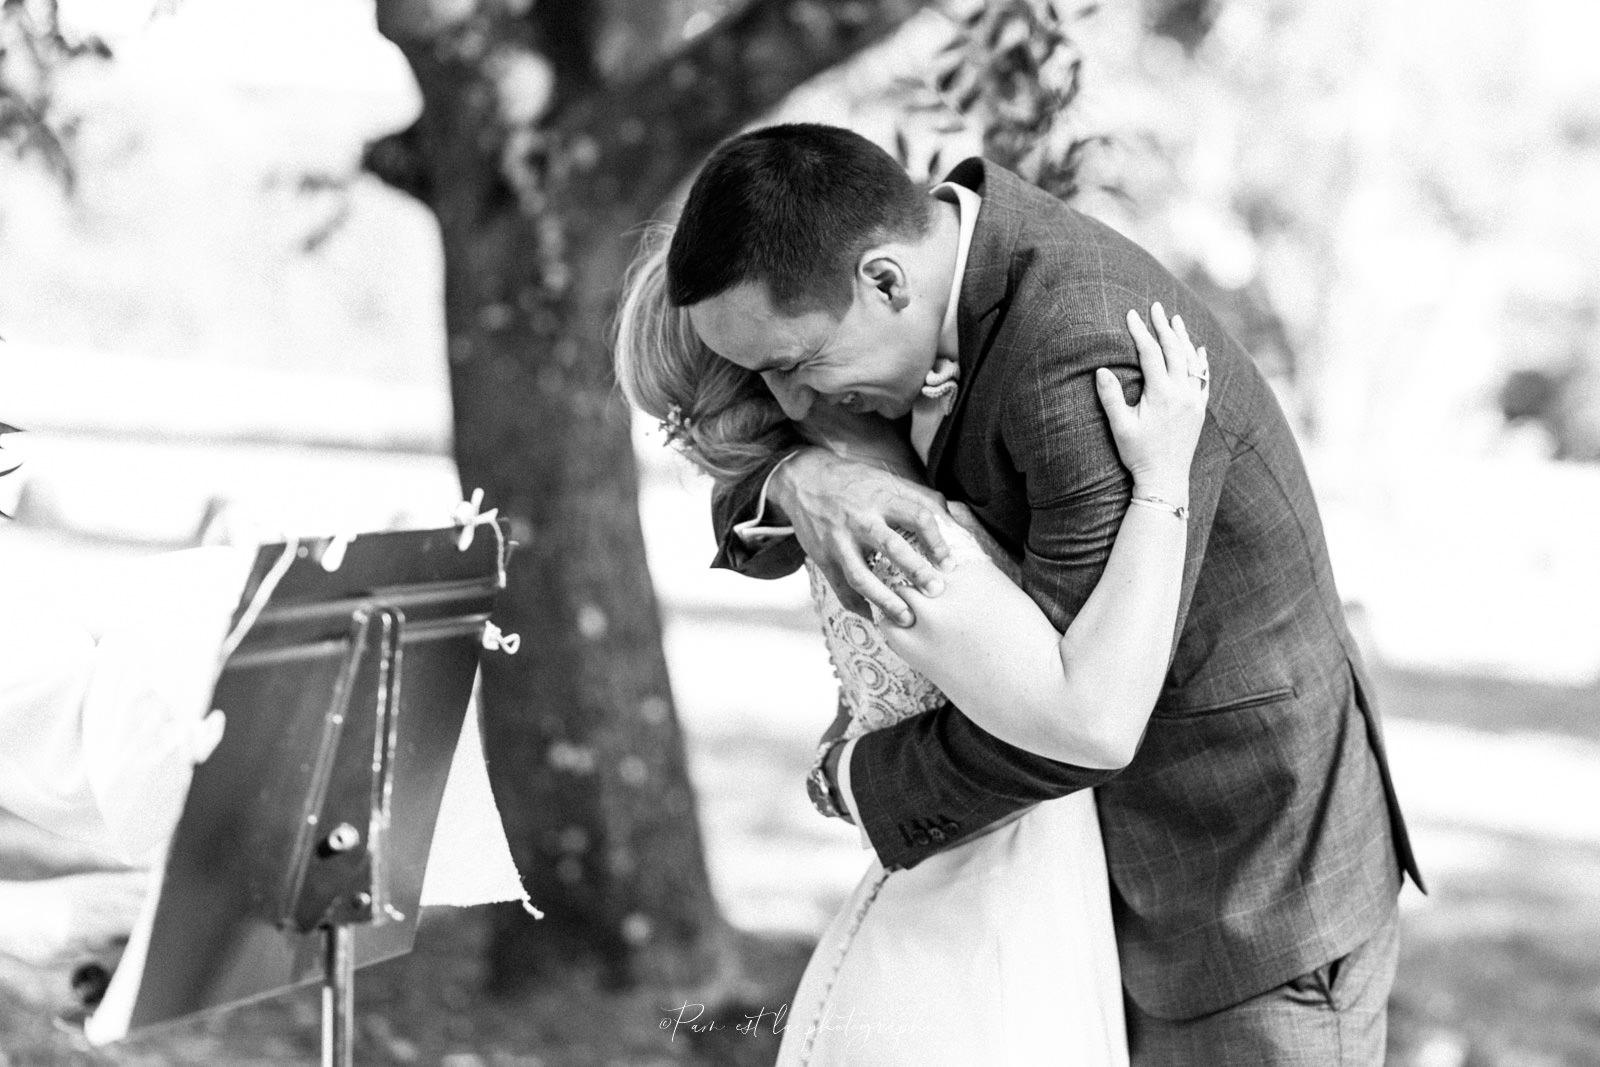 Mariage d'émotions , Pam est là photographe de mariage